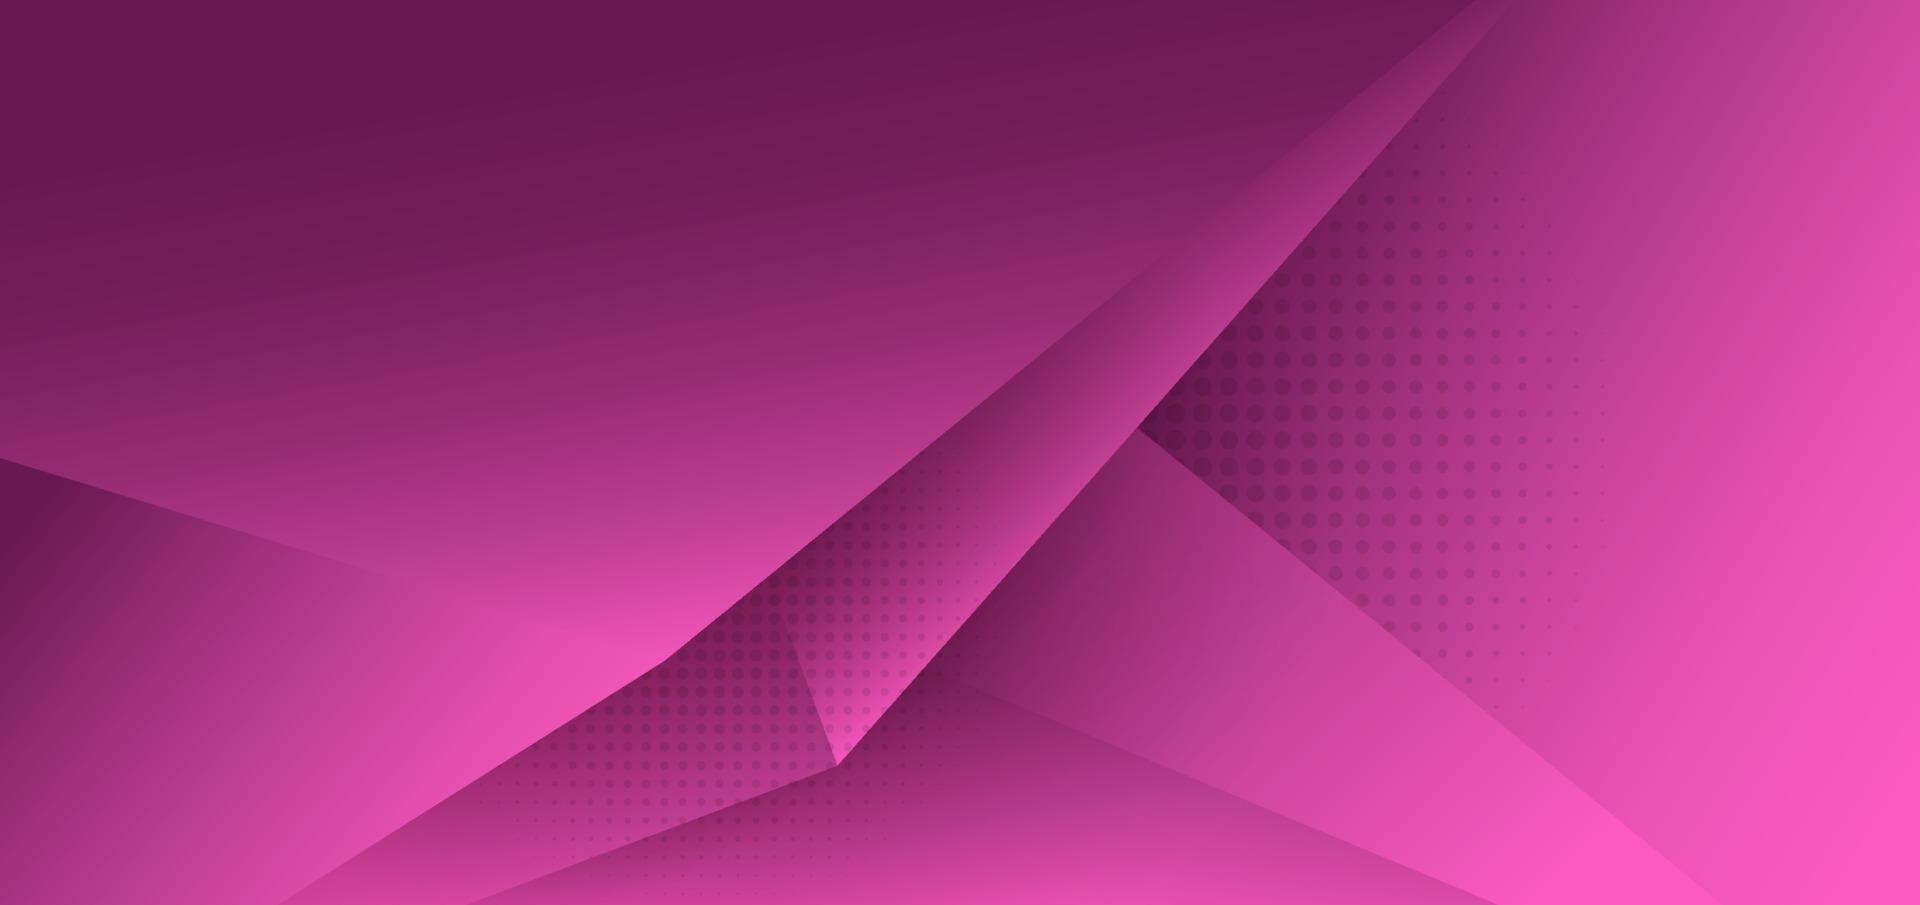 fond dégradé abstrait triangle polygone rose avec ombre et espace pour votre texte. vecteur